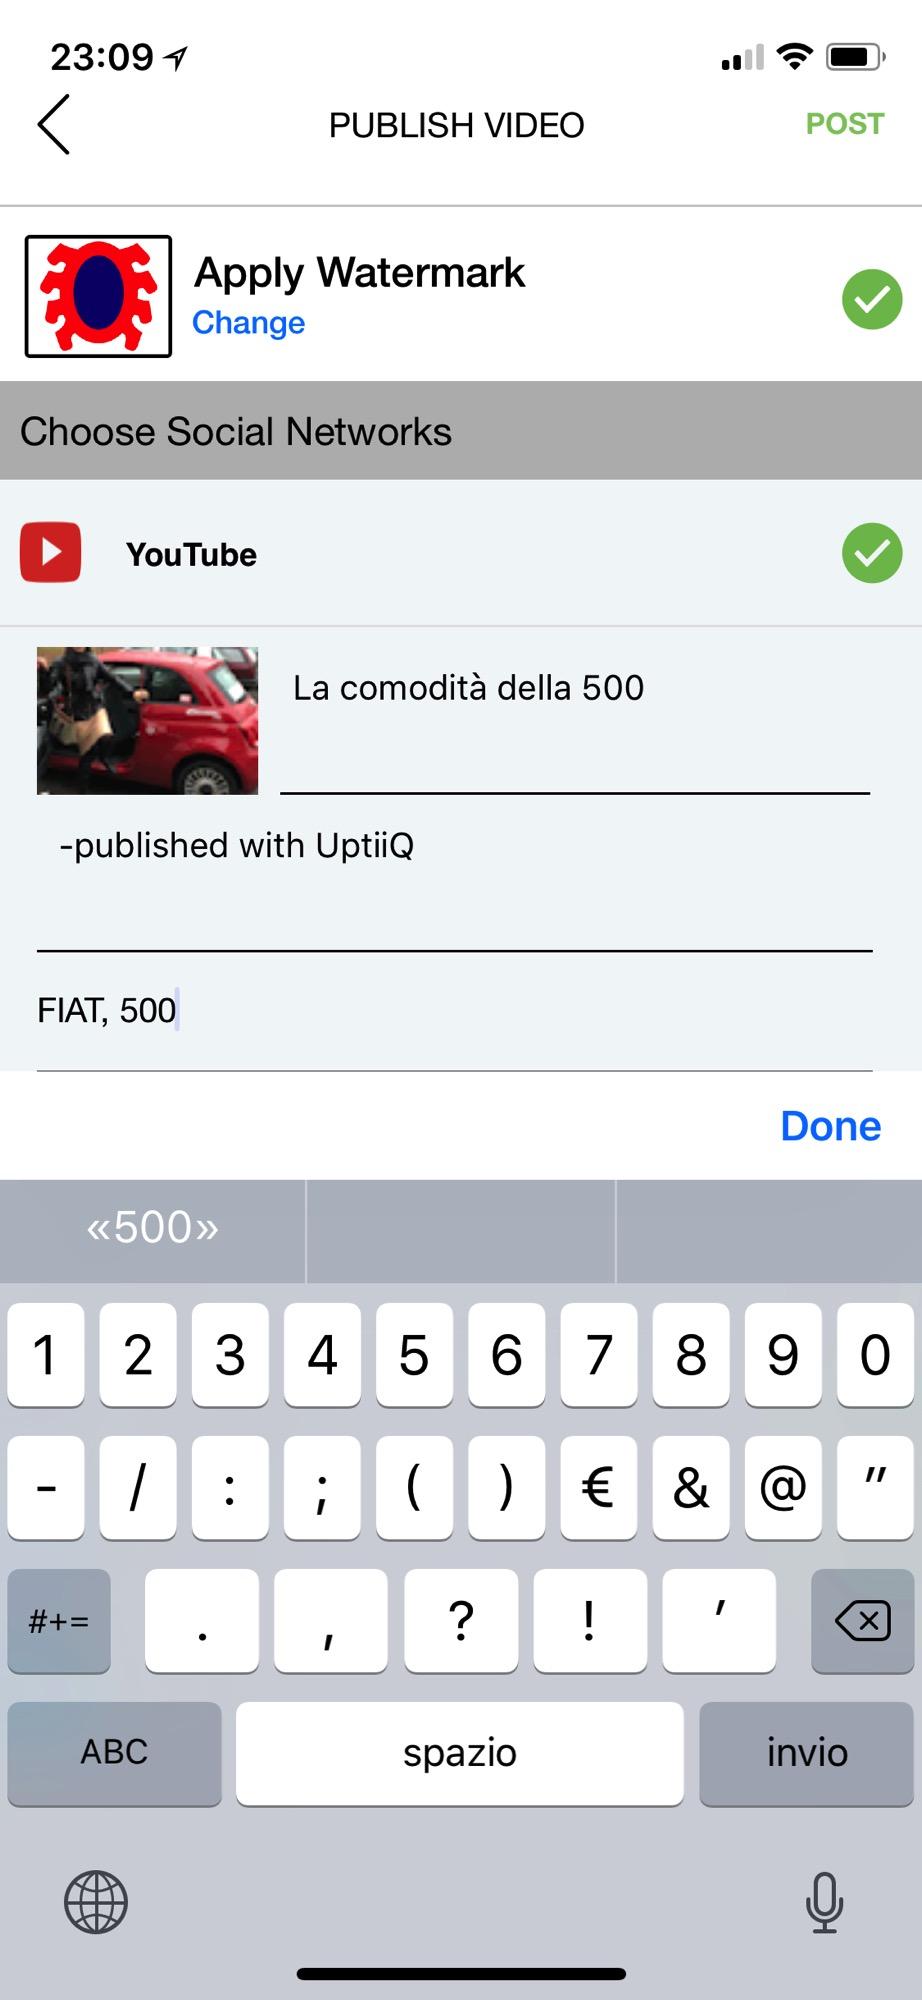 UptiiQ info video